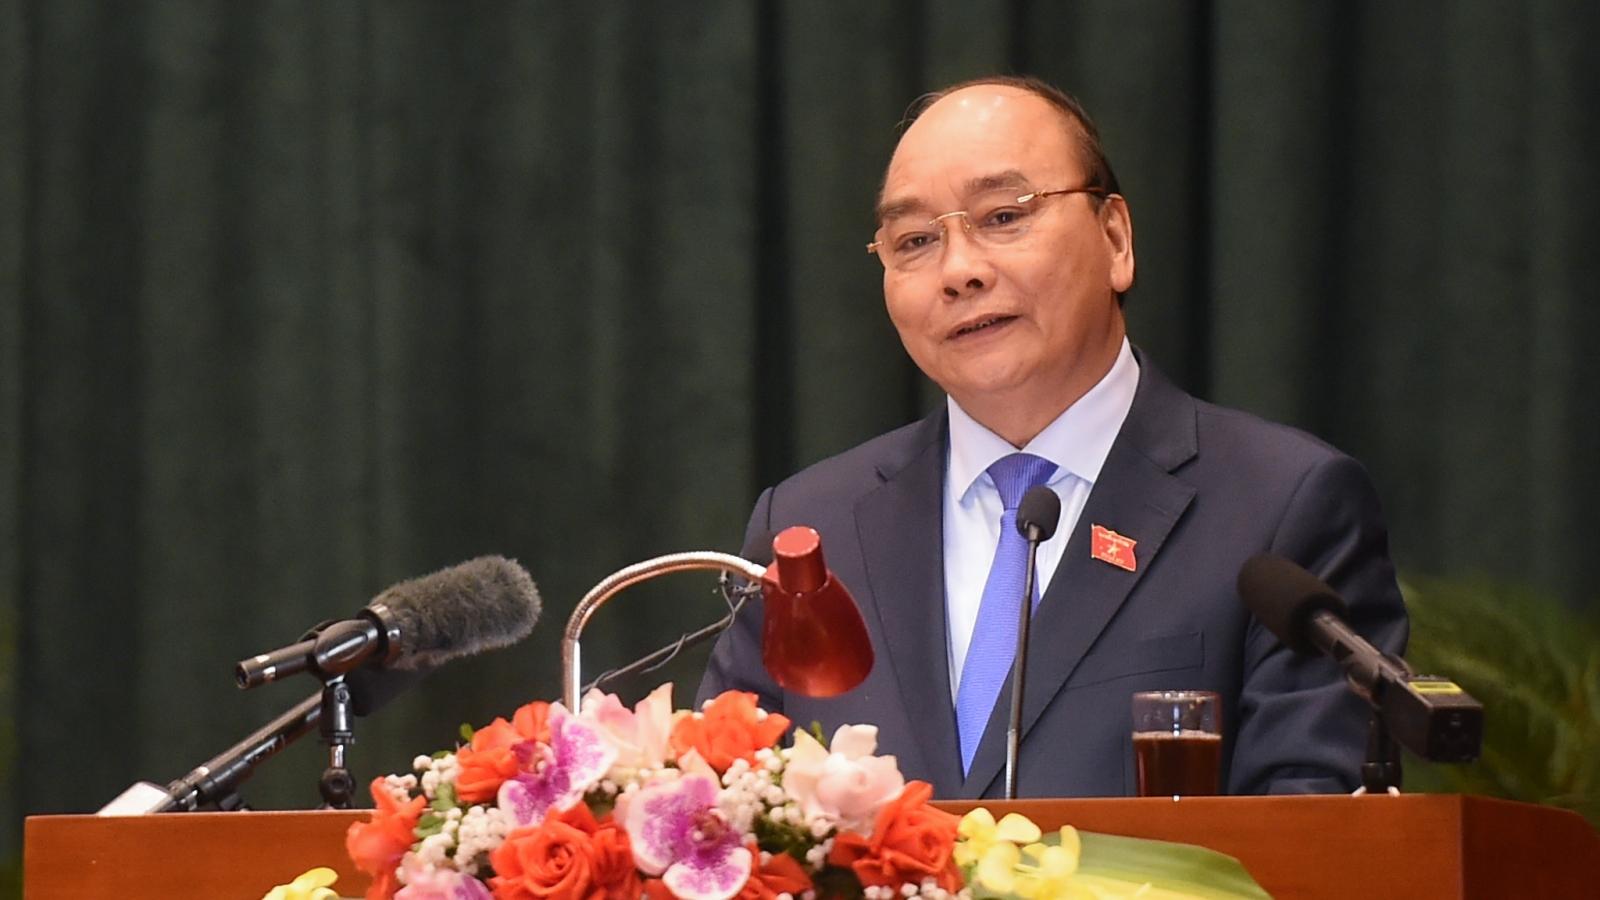 25 lần tiếp xúc cử tri Hải Phòng, Thủ tướng chỉ vắng mặt một lần